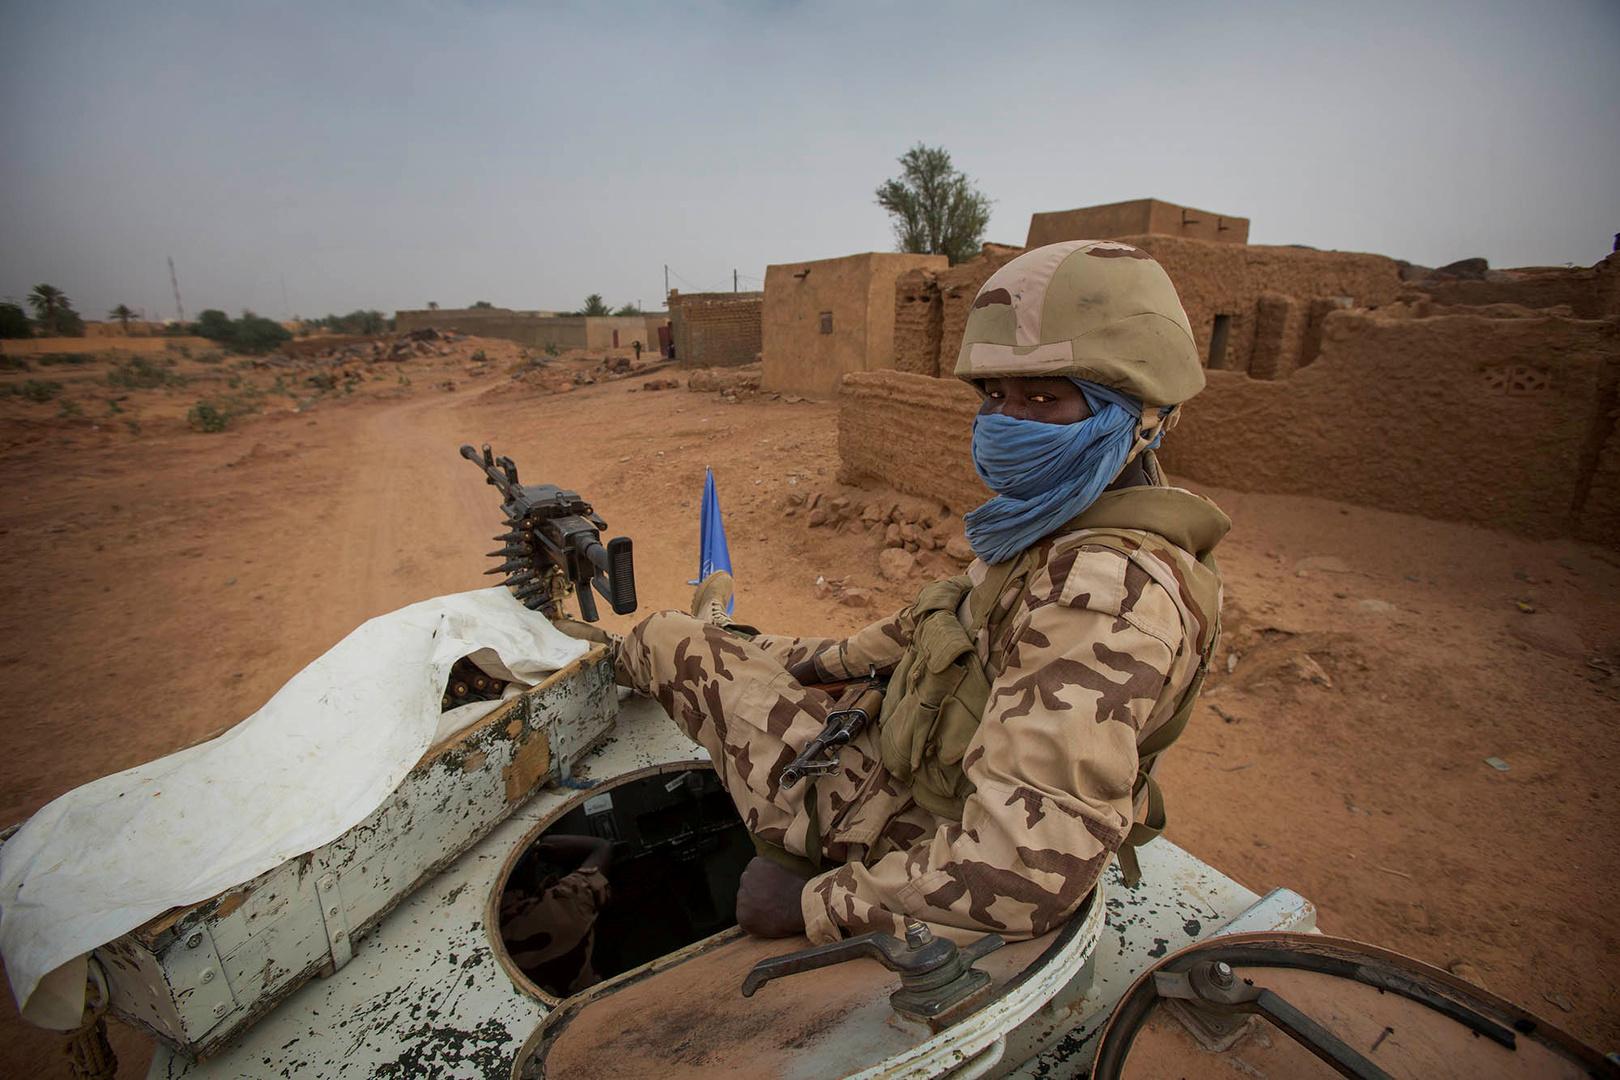 إصابة 7 من أفراد بعثة الأمم المتحدة في مالي جراء تفجير عبوة ناسفة